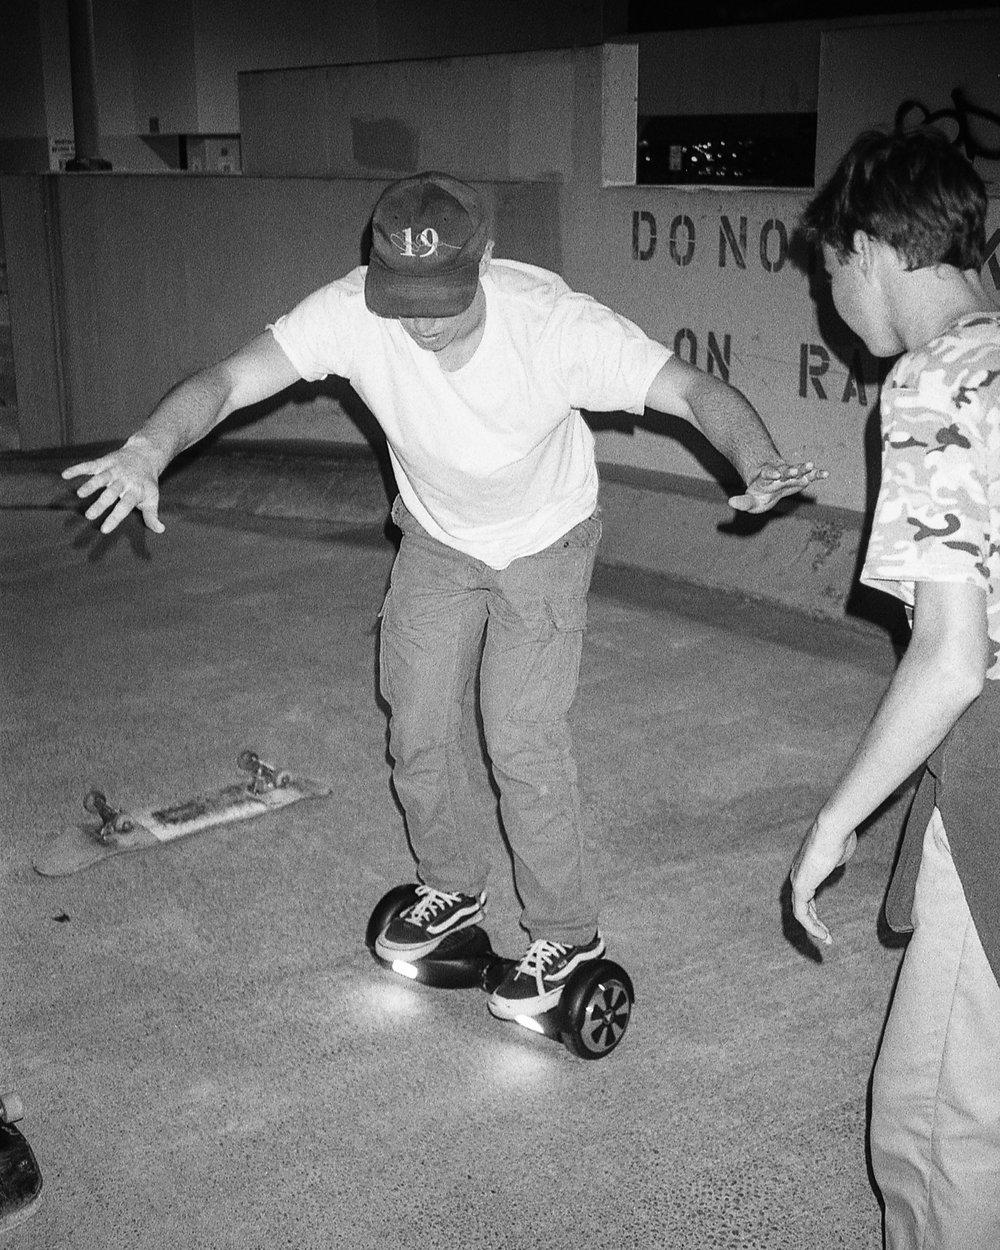 Skateboarding-463.jpg